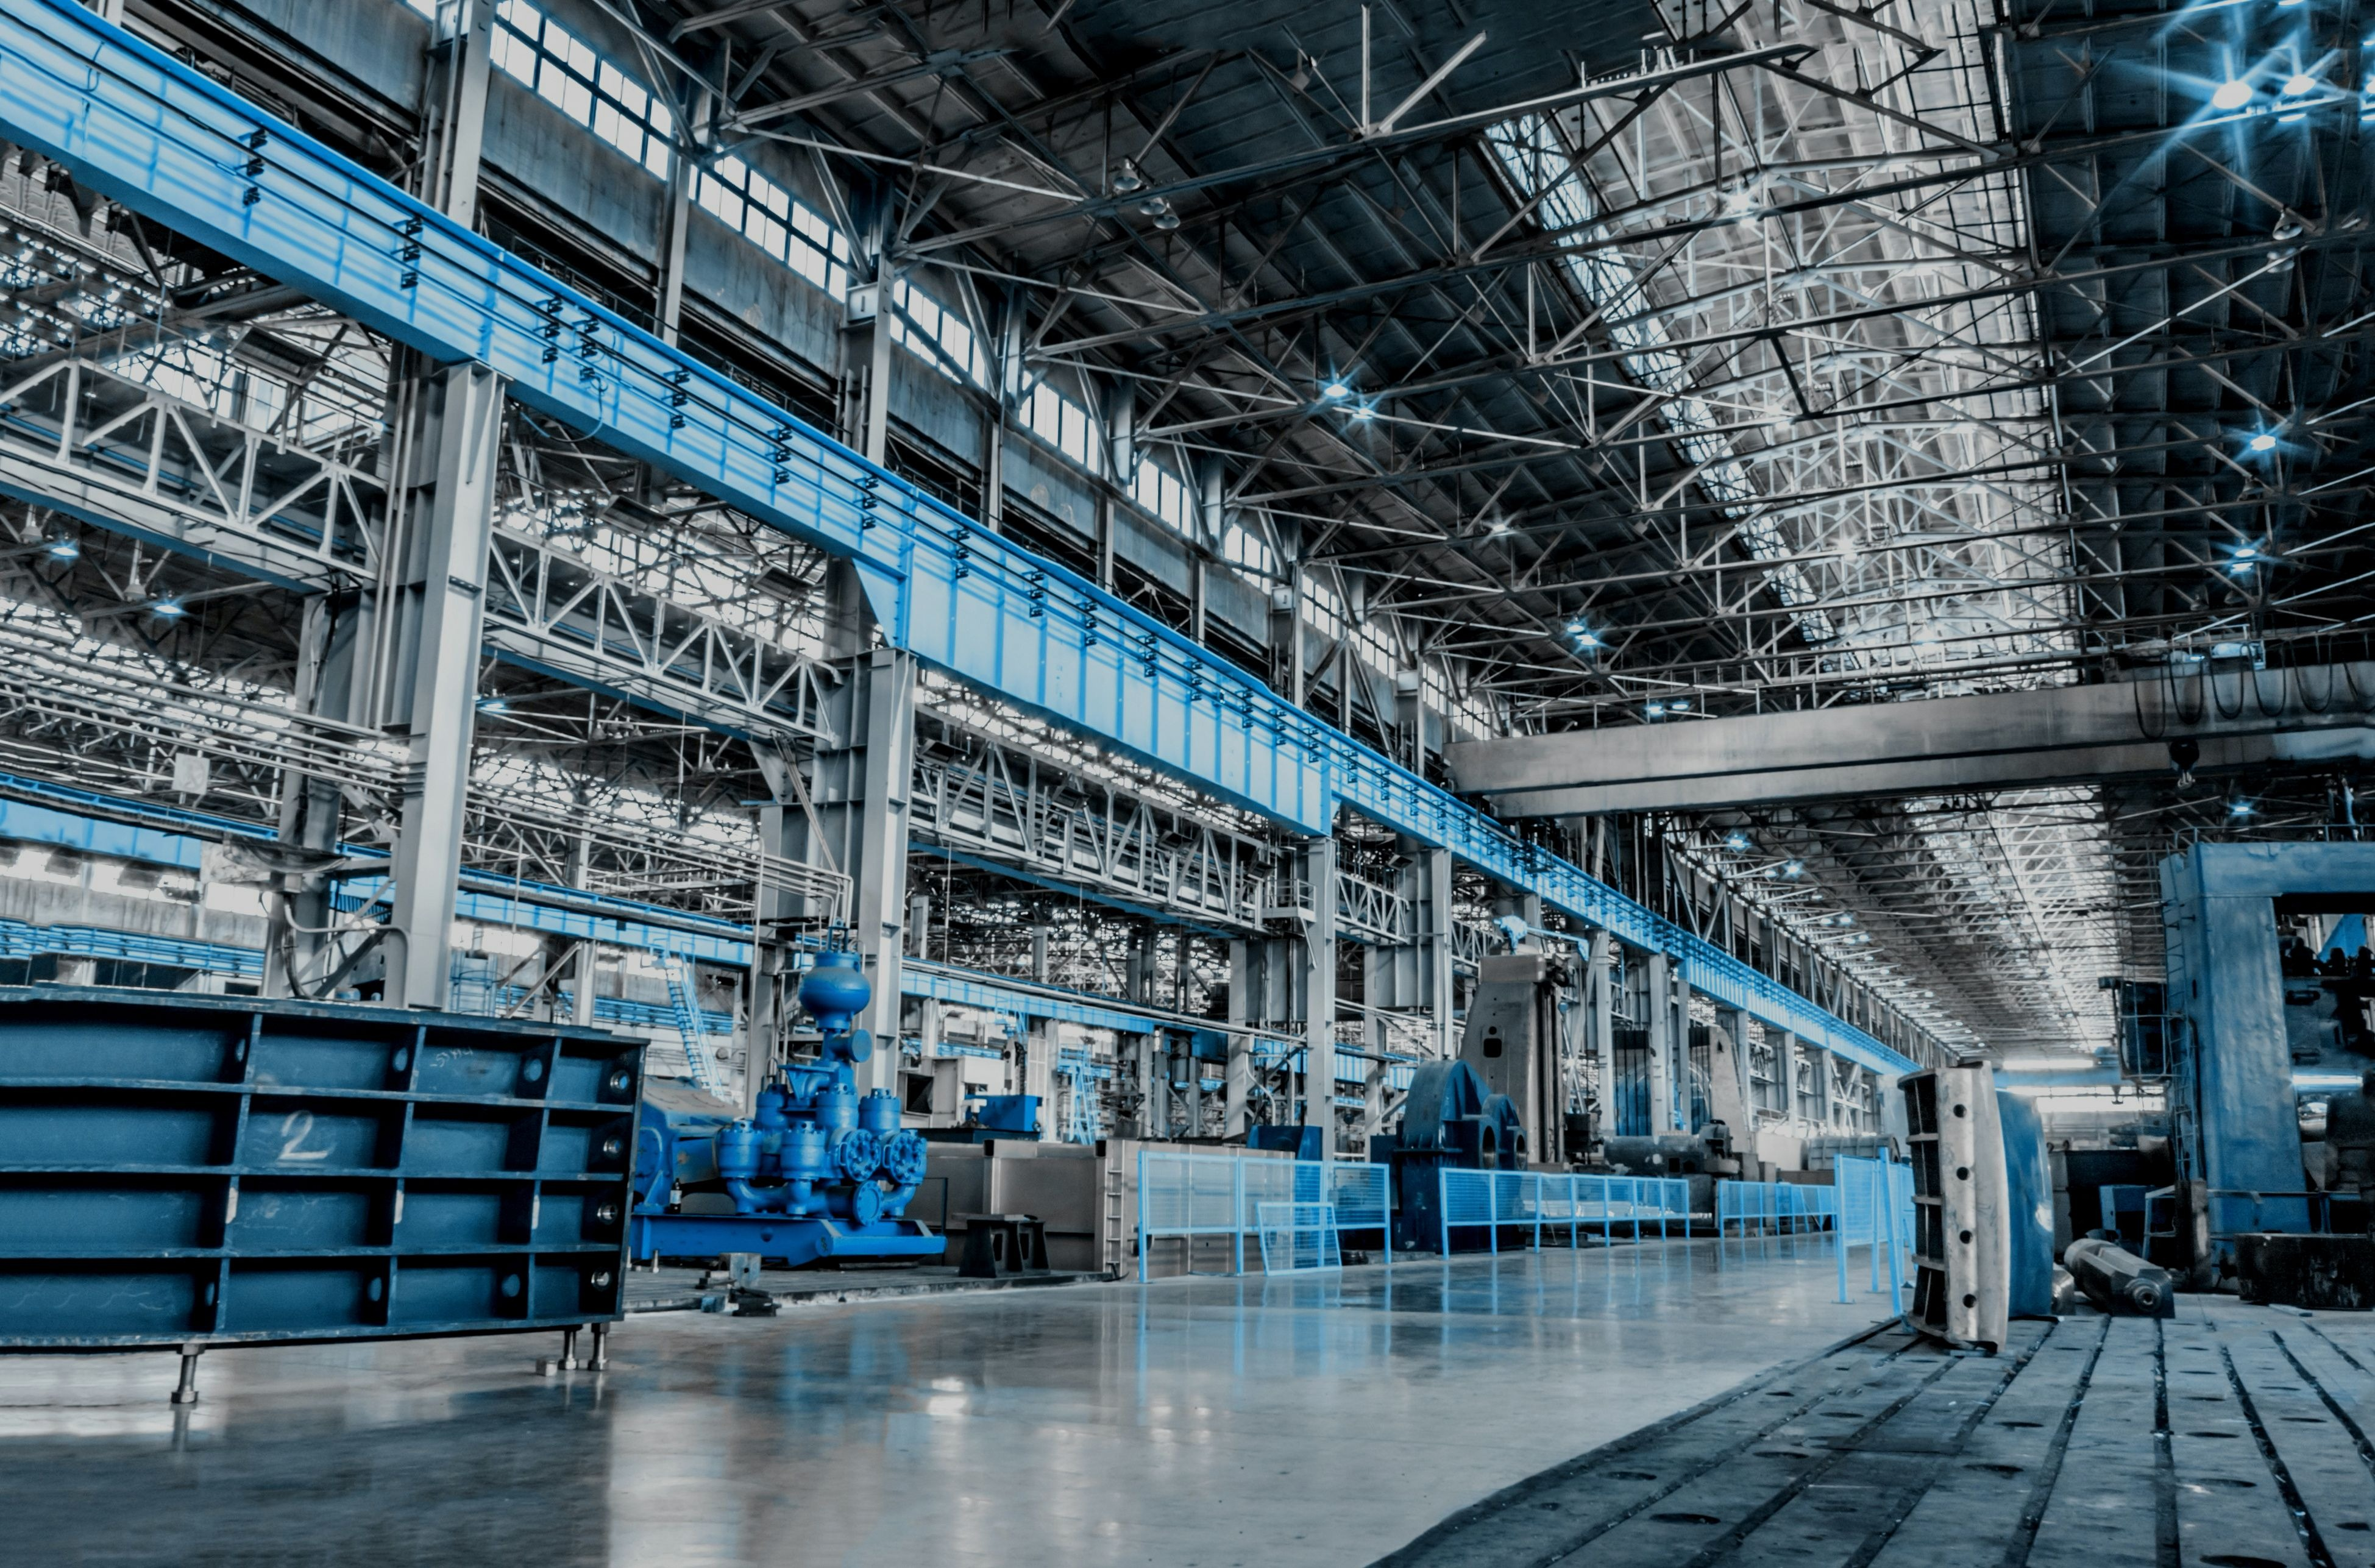 final industries image edited.jpg